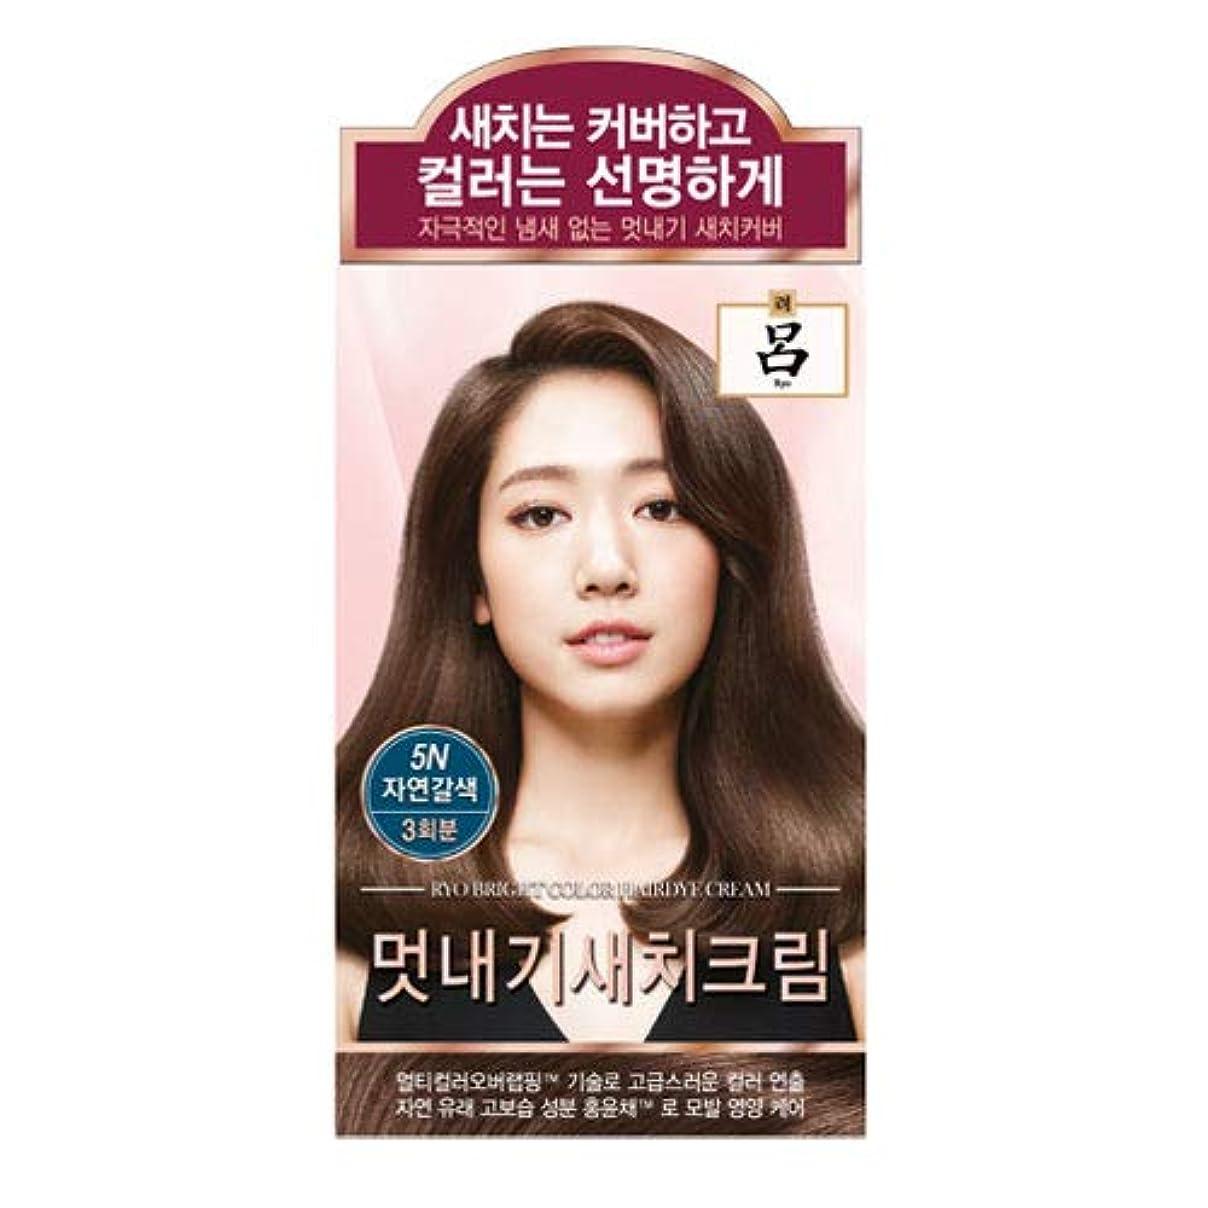 バラ色出版真実アモーレパシフィック呂[AMOREPACIFIC/Ryo] ブライトカラーヘアアイクリーム 5N ナチュラルブラウン/Bright Color Hairdye Cream 5N Natural Brown